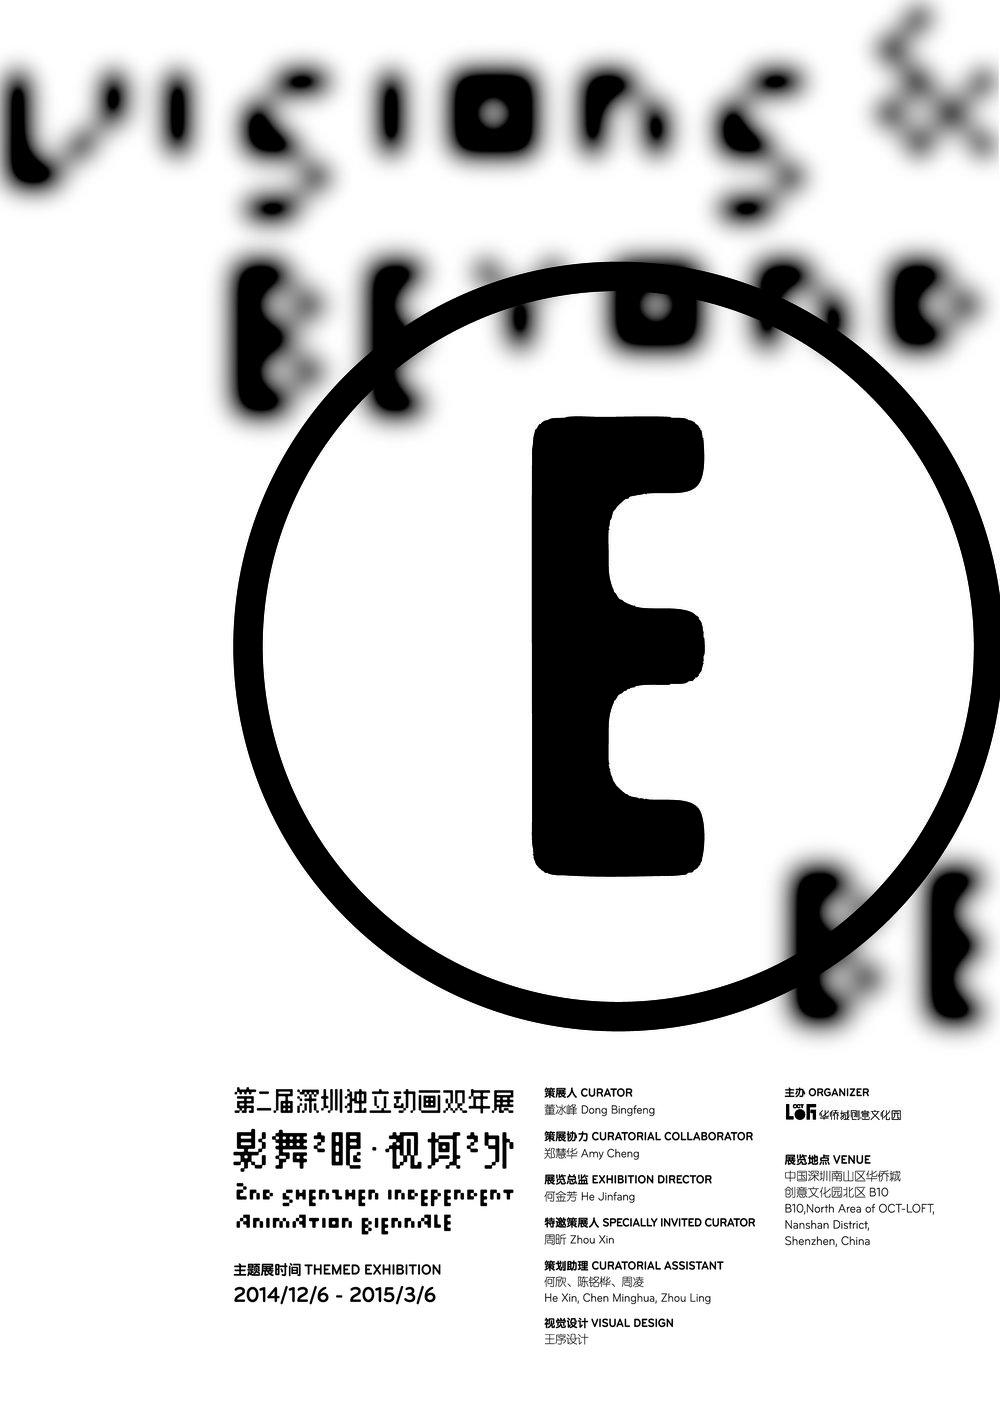 1.第二届深圳独立动画双年展 主形象海报 定稿2014.11.04.jpg